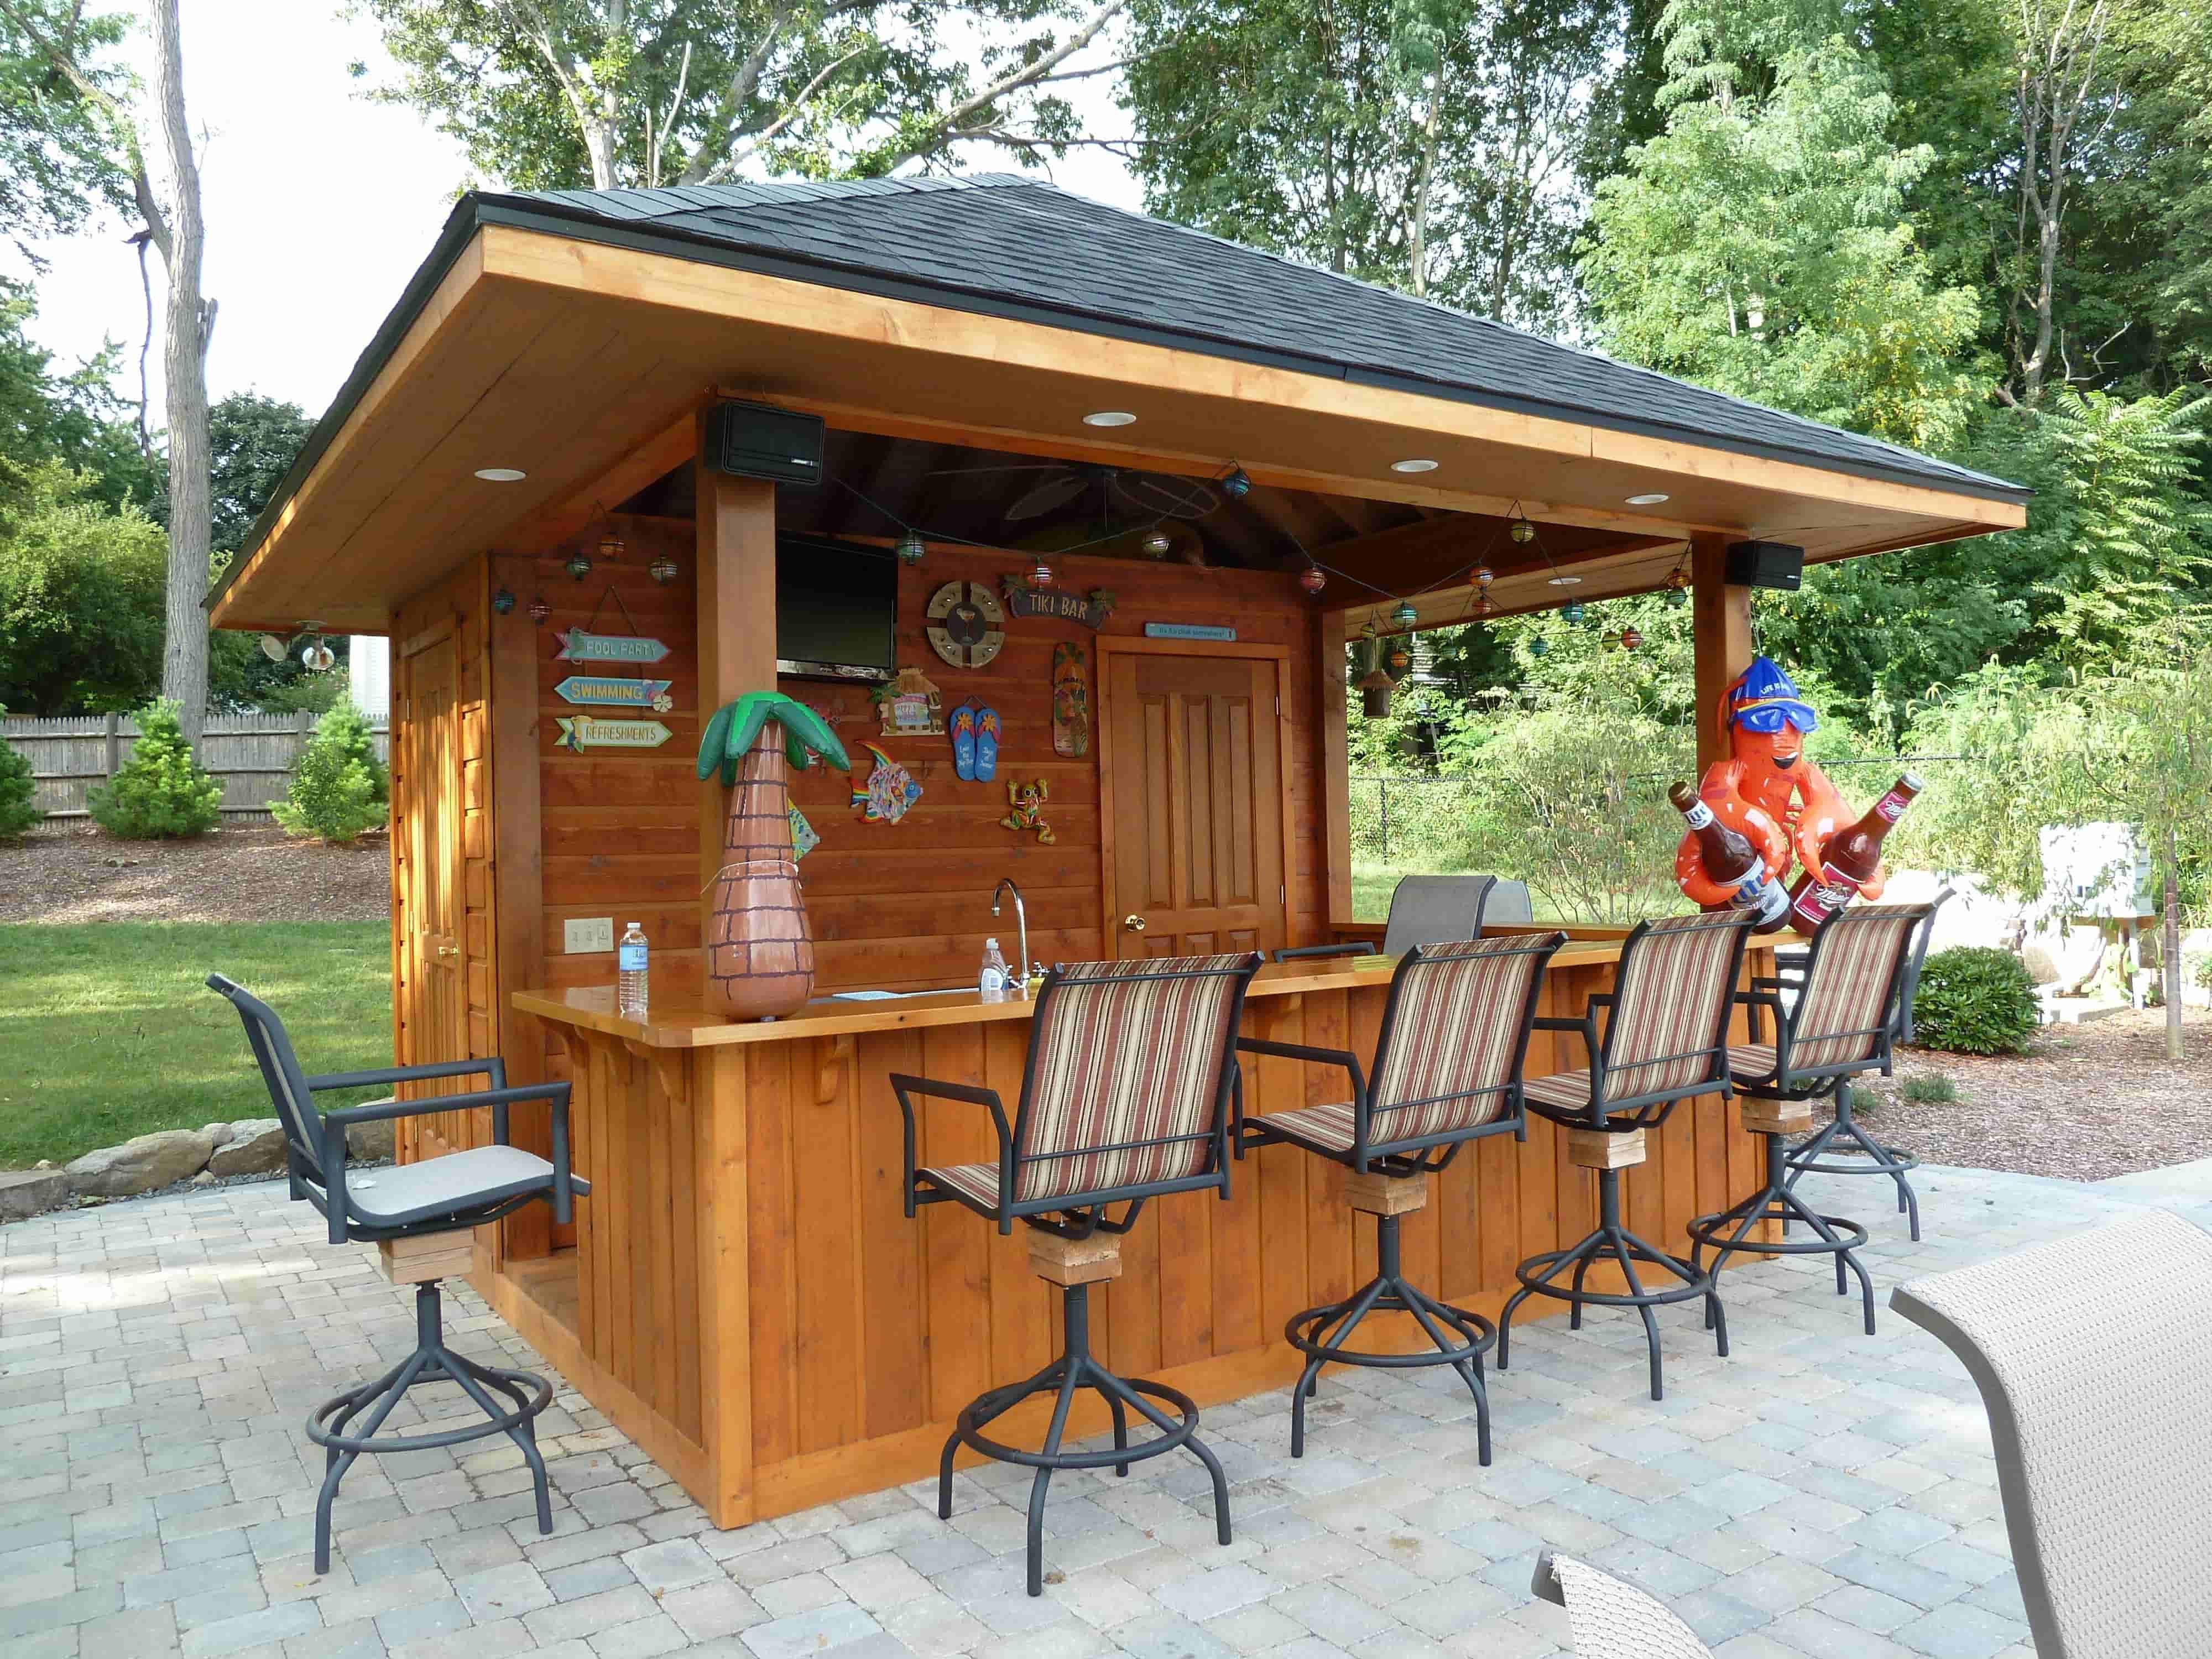 Backyard Tiki Bar | Backyard Ideas on Tiki Bar Designs For Backyard id=28355